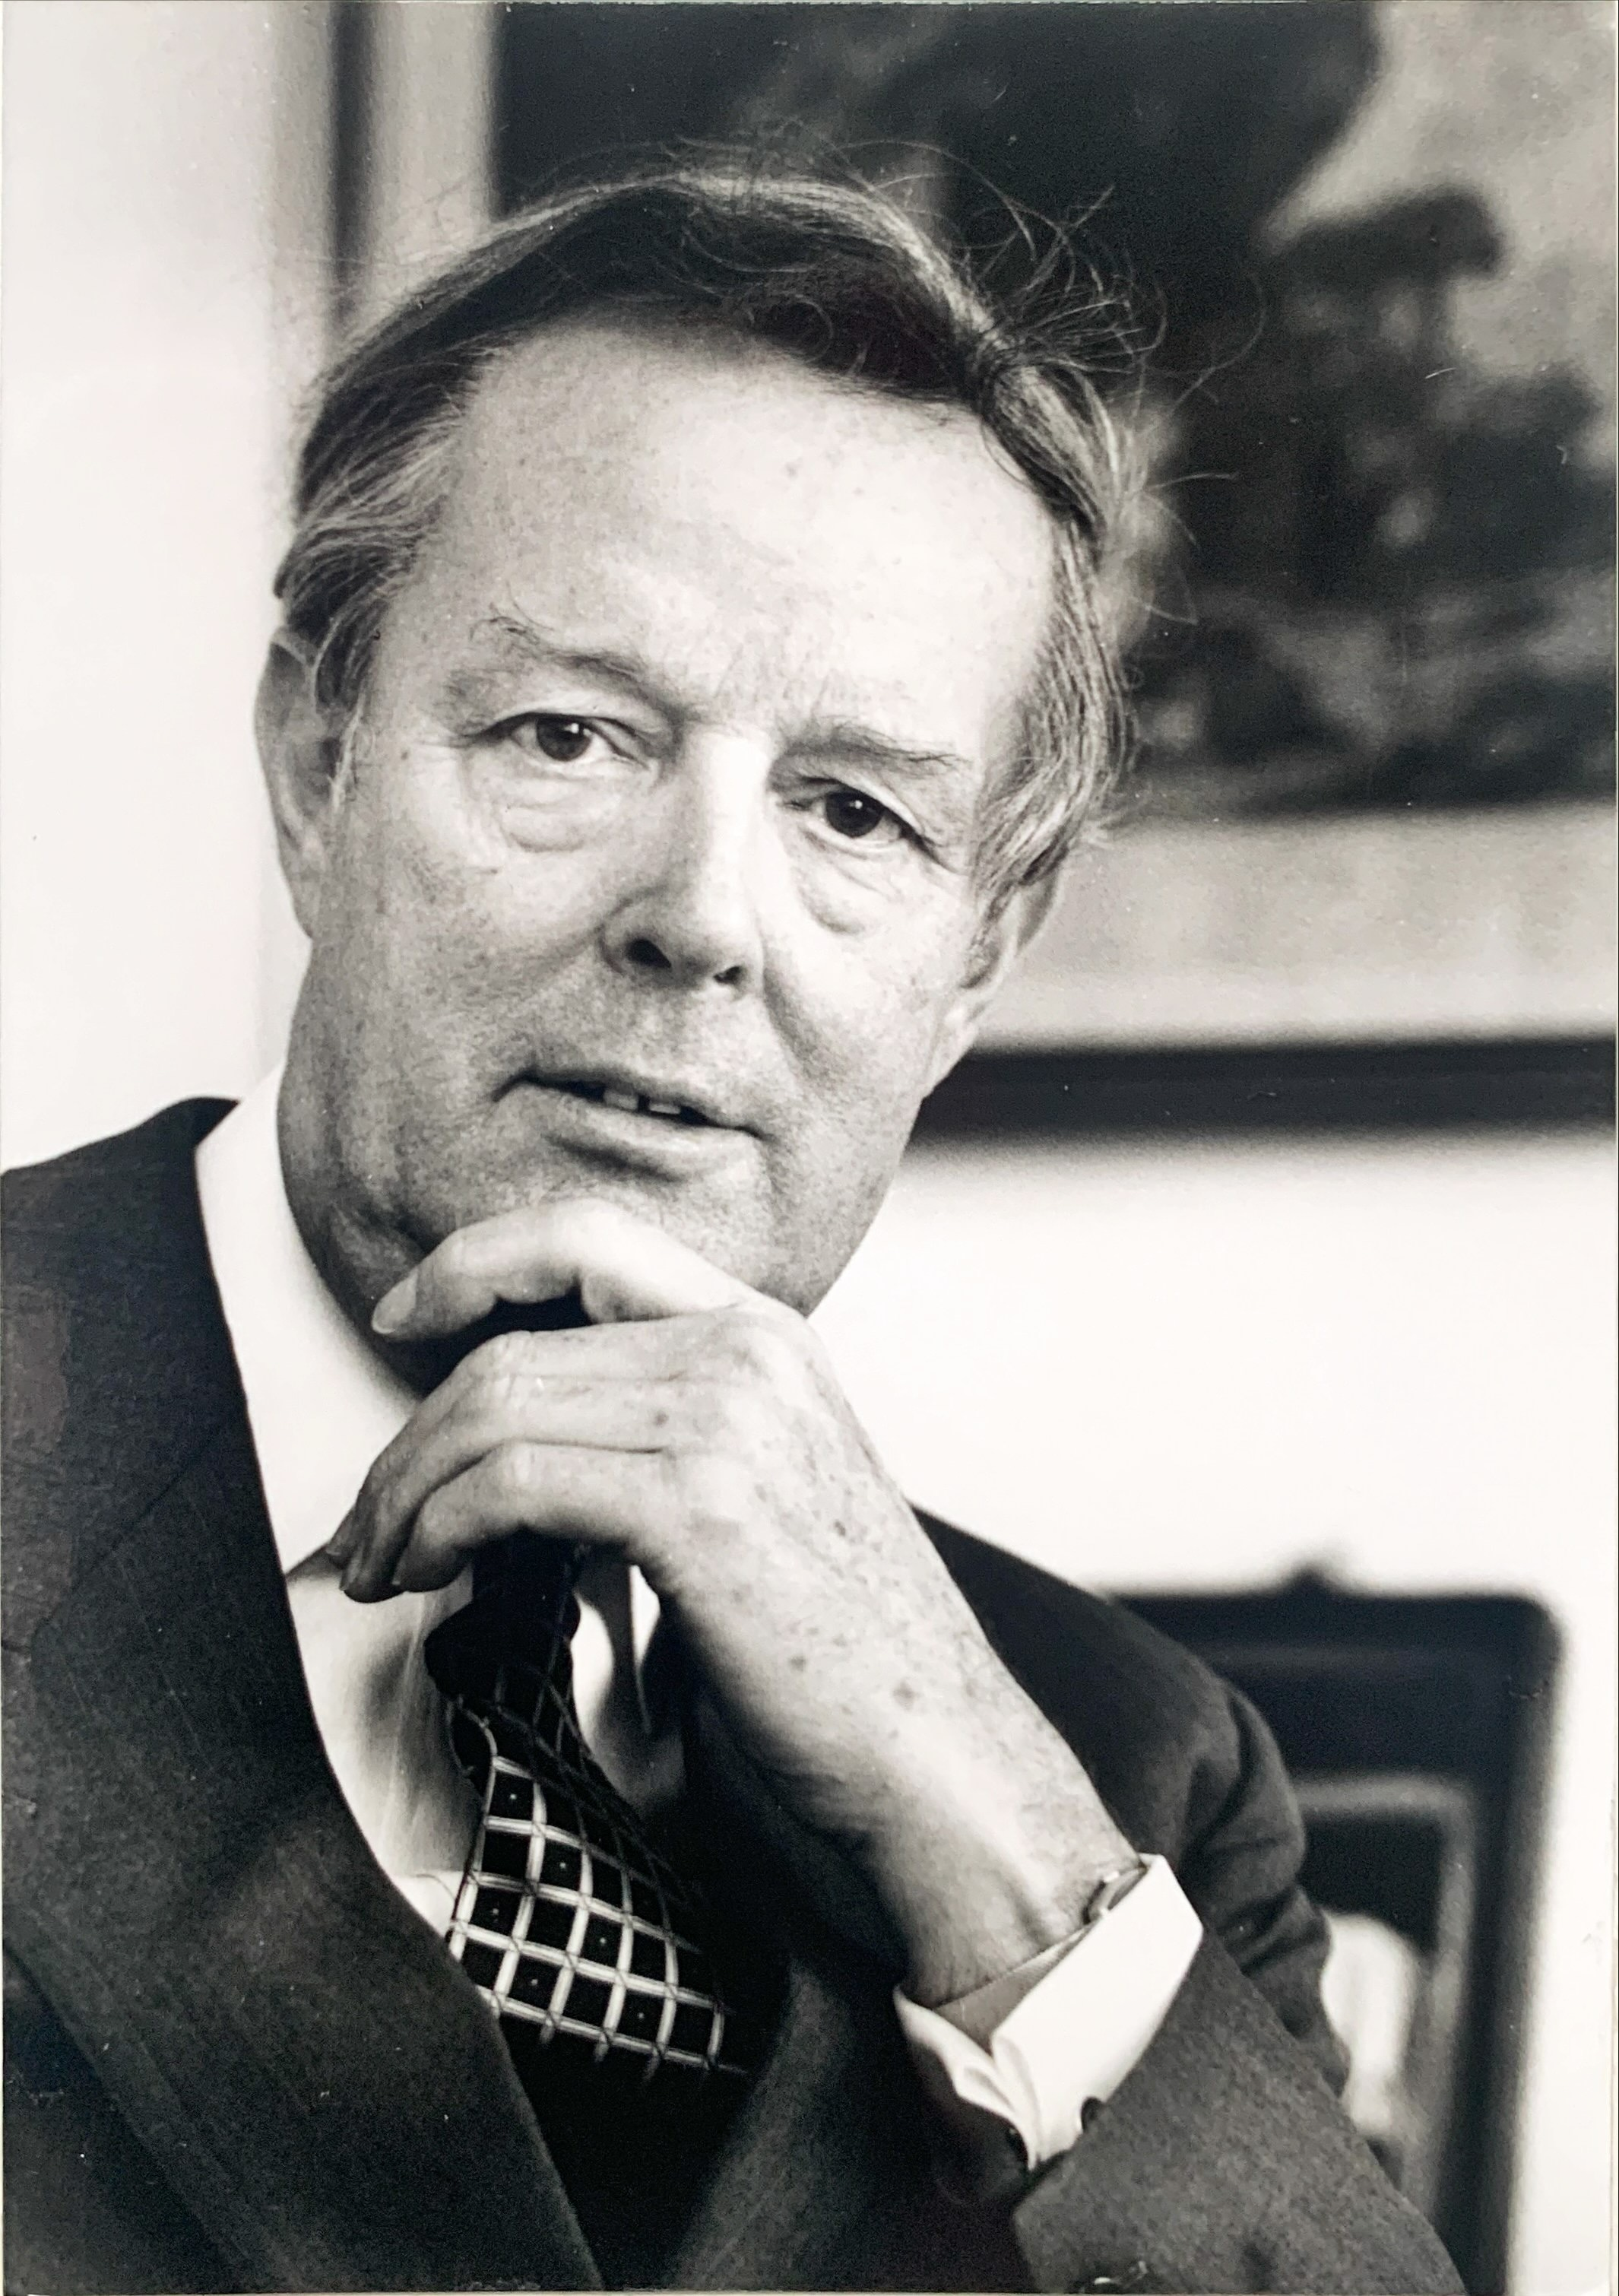 Dr. Herbert Gienow